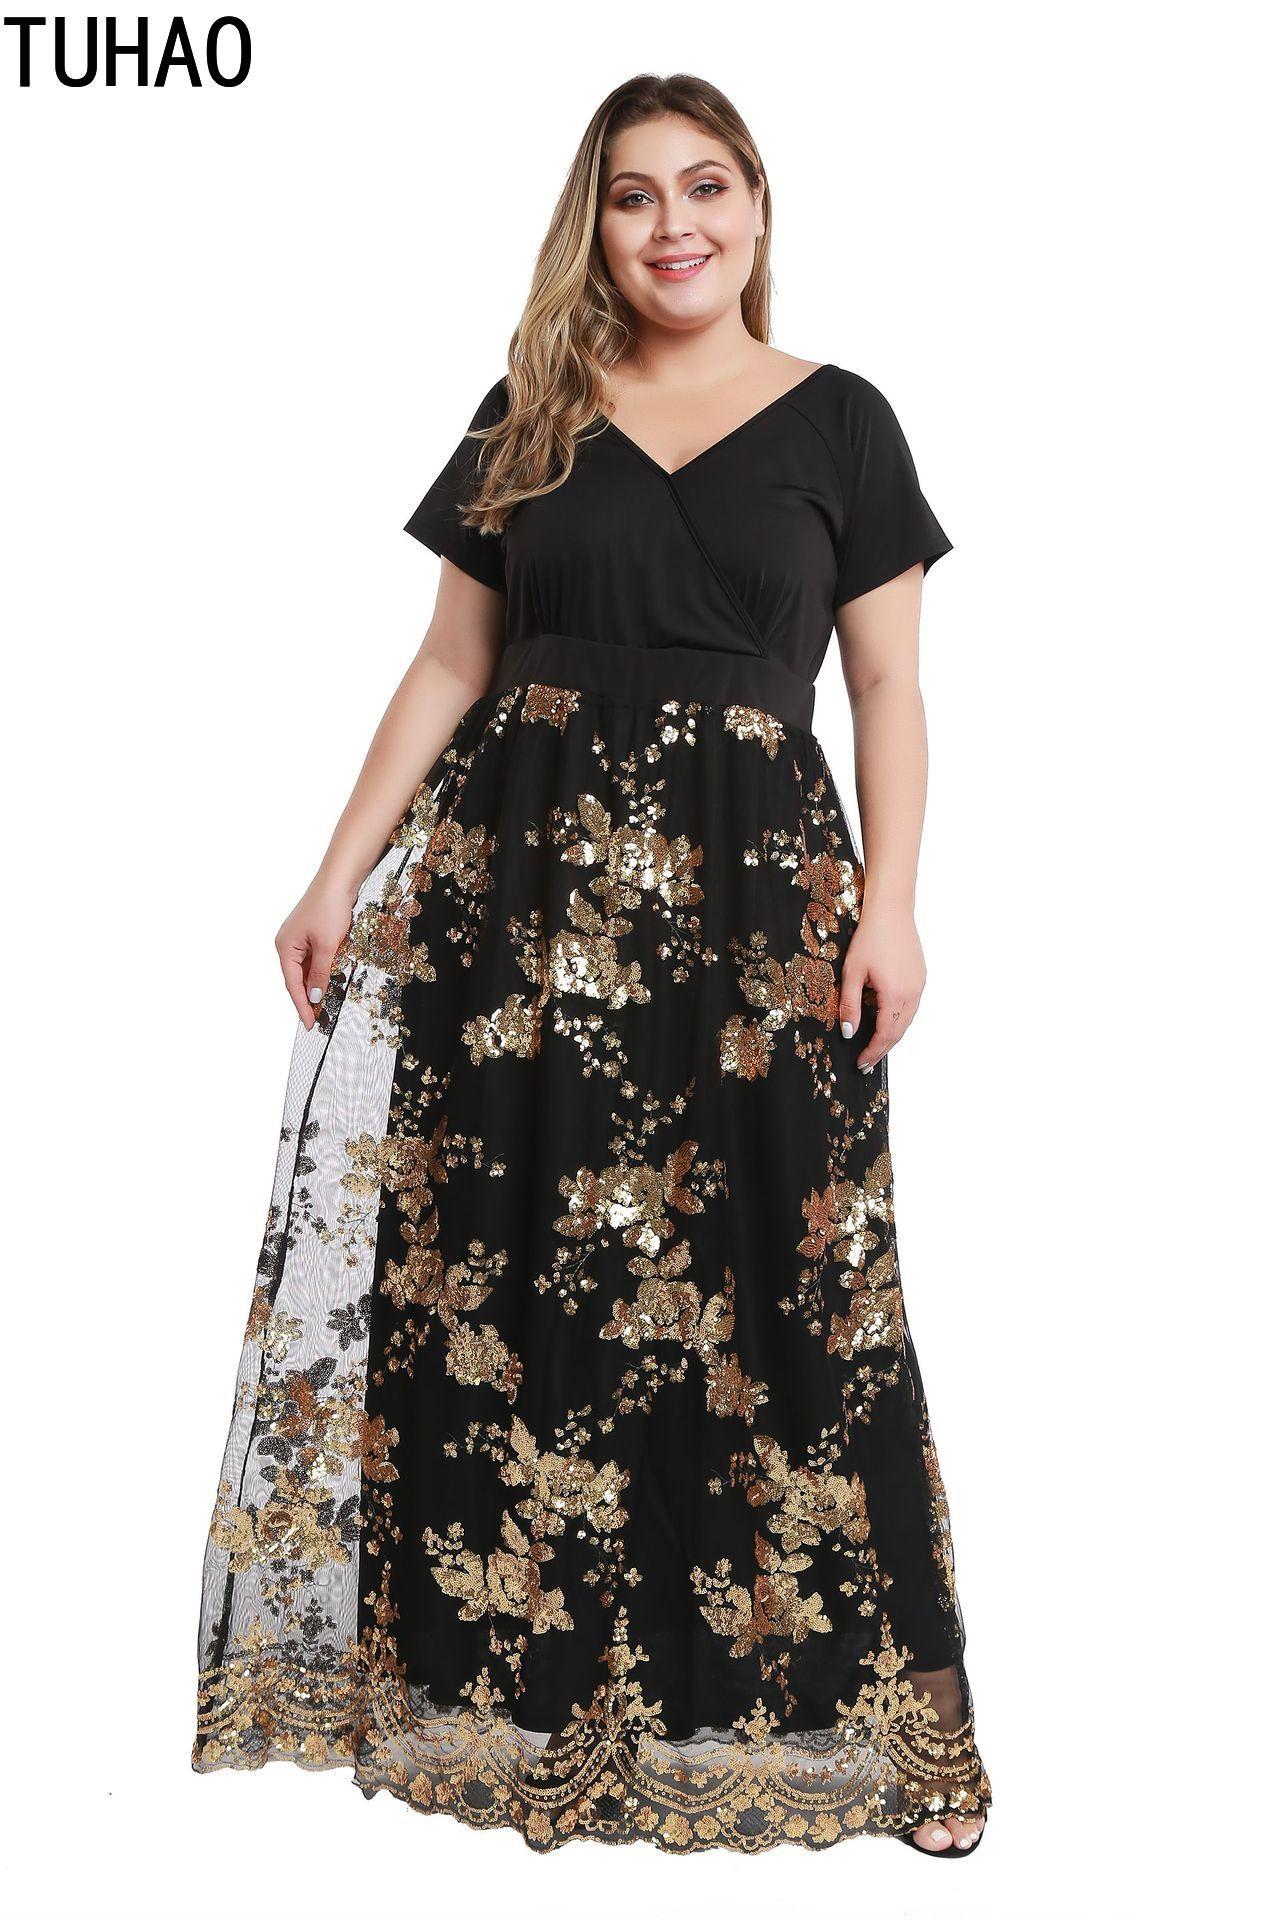 Женское длинное платье макси TUHAO, длинное вечернее платье большого размера 5xl 4xl 3xl, свободное элегантное платье большого размера для ночного клуба|Платья|   | АлиЭкспресс